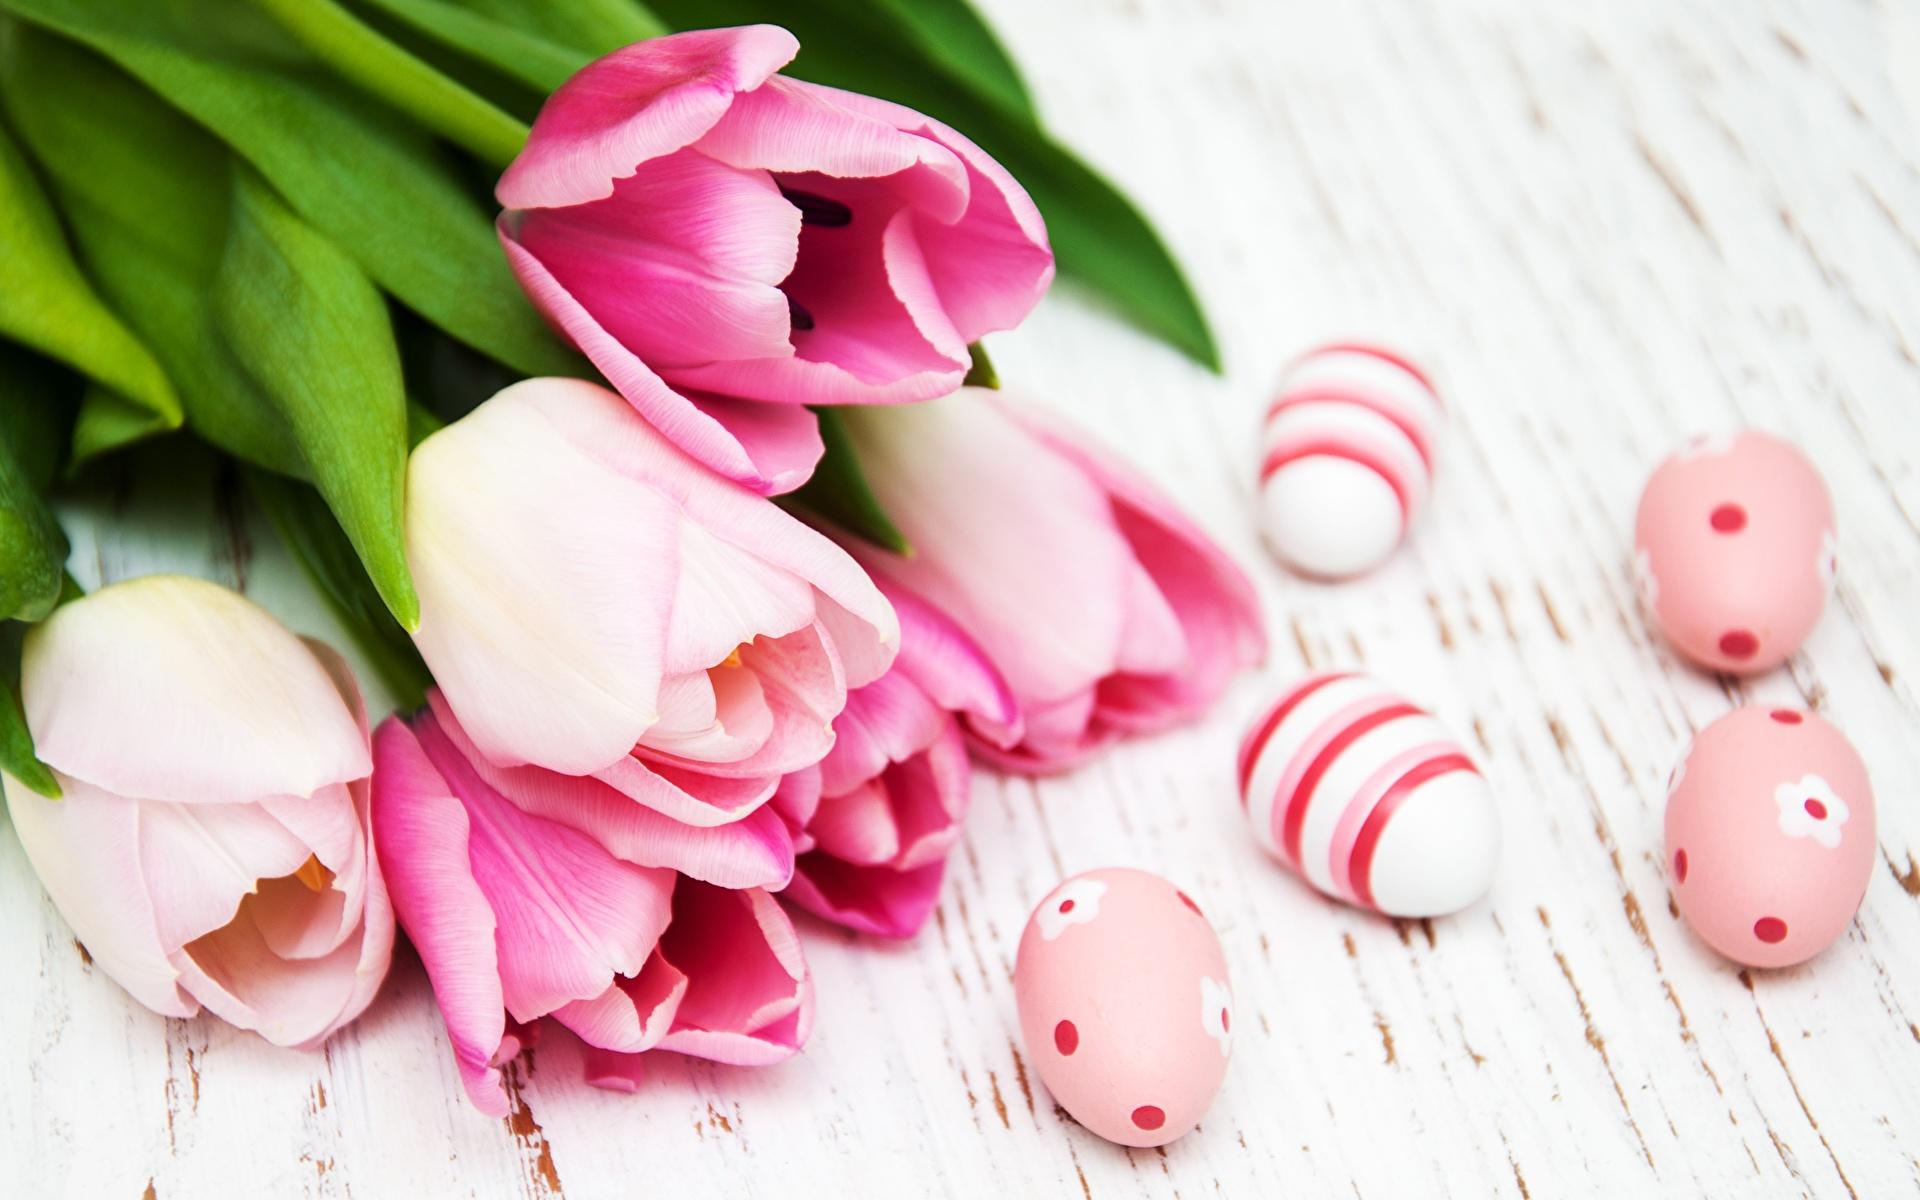 Обои для рабочего стола Пасха яйцами Розовый Тюльпаны Цветы 1920x1200 яиц яйцо Яйца тюльпан розовая розовые розовых цветок